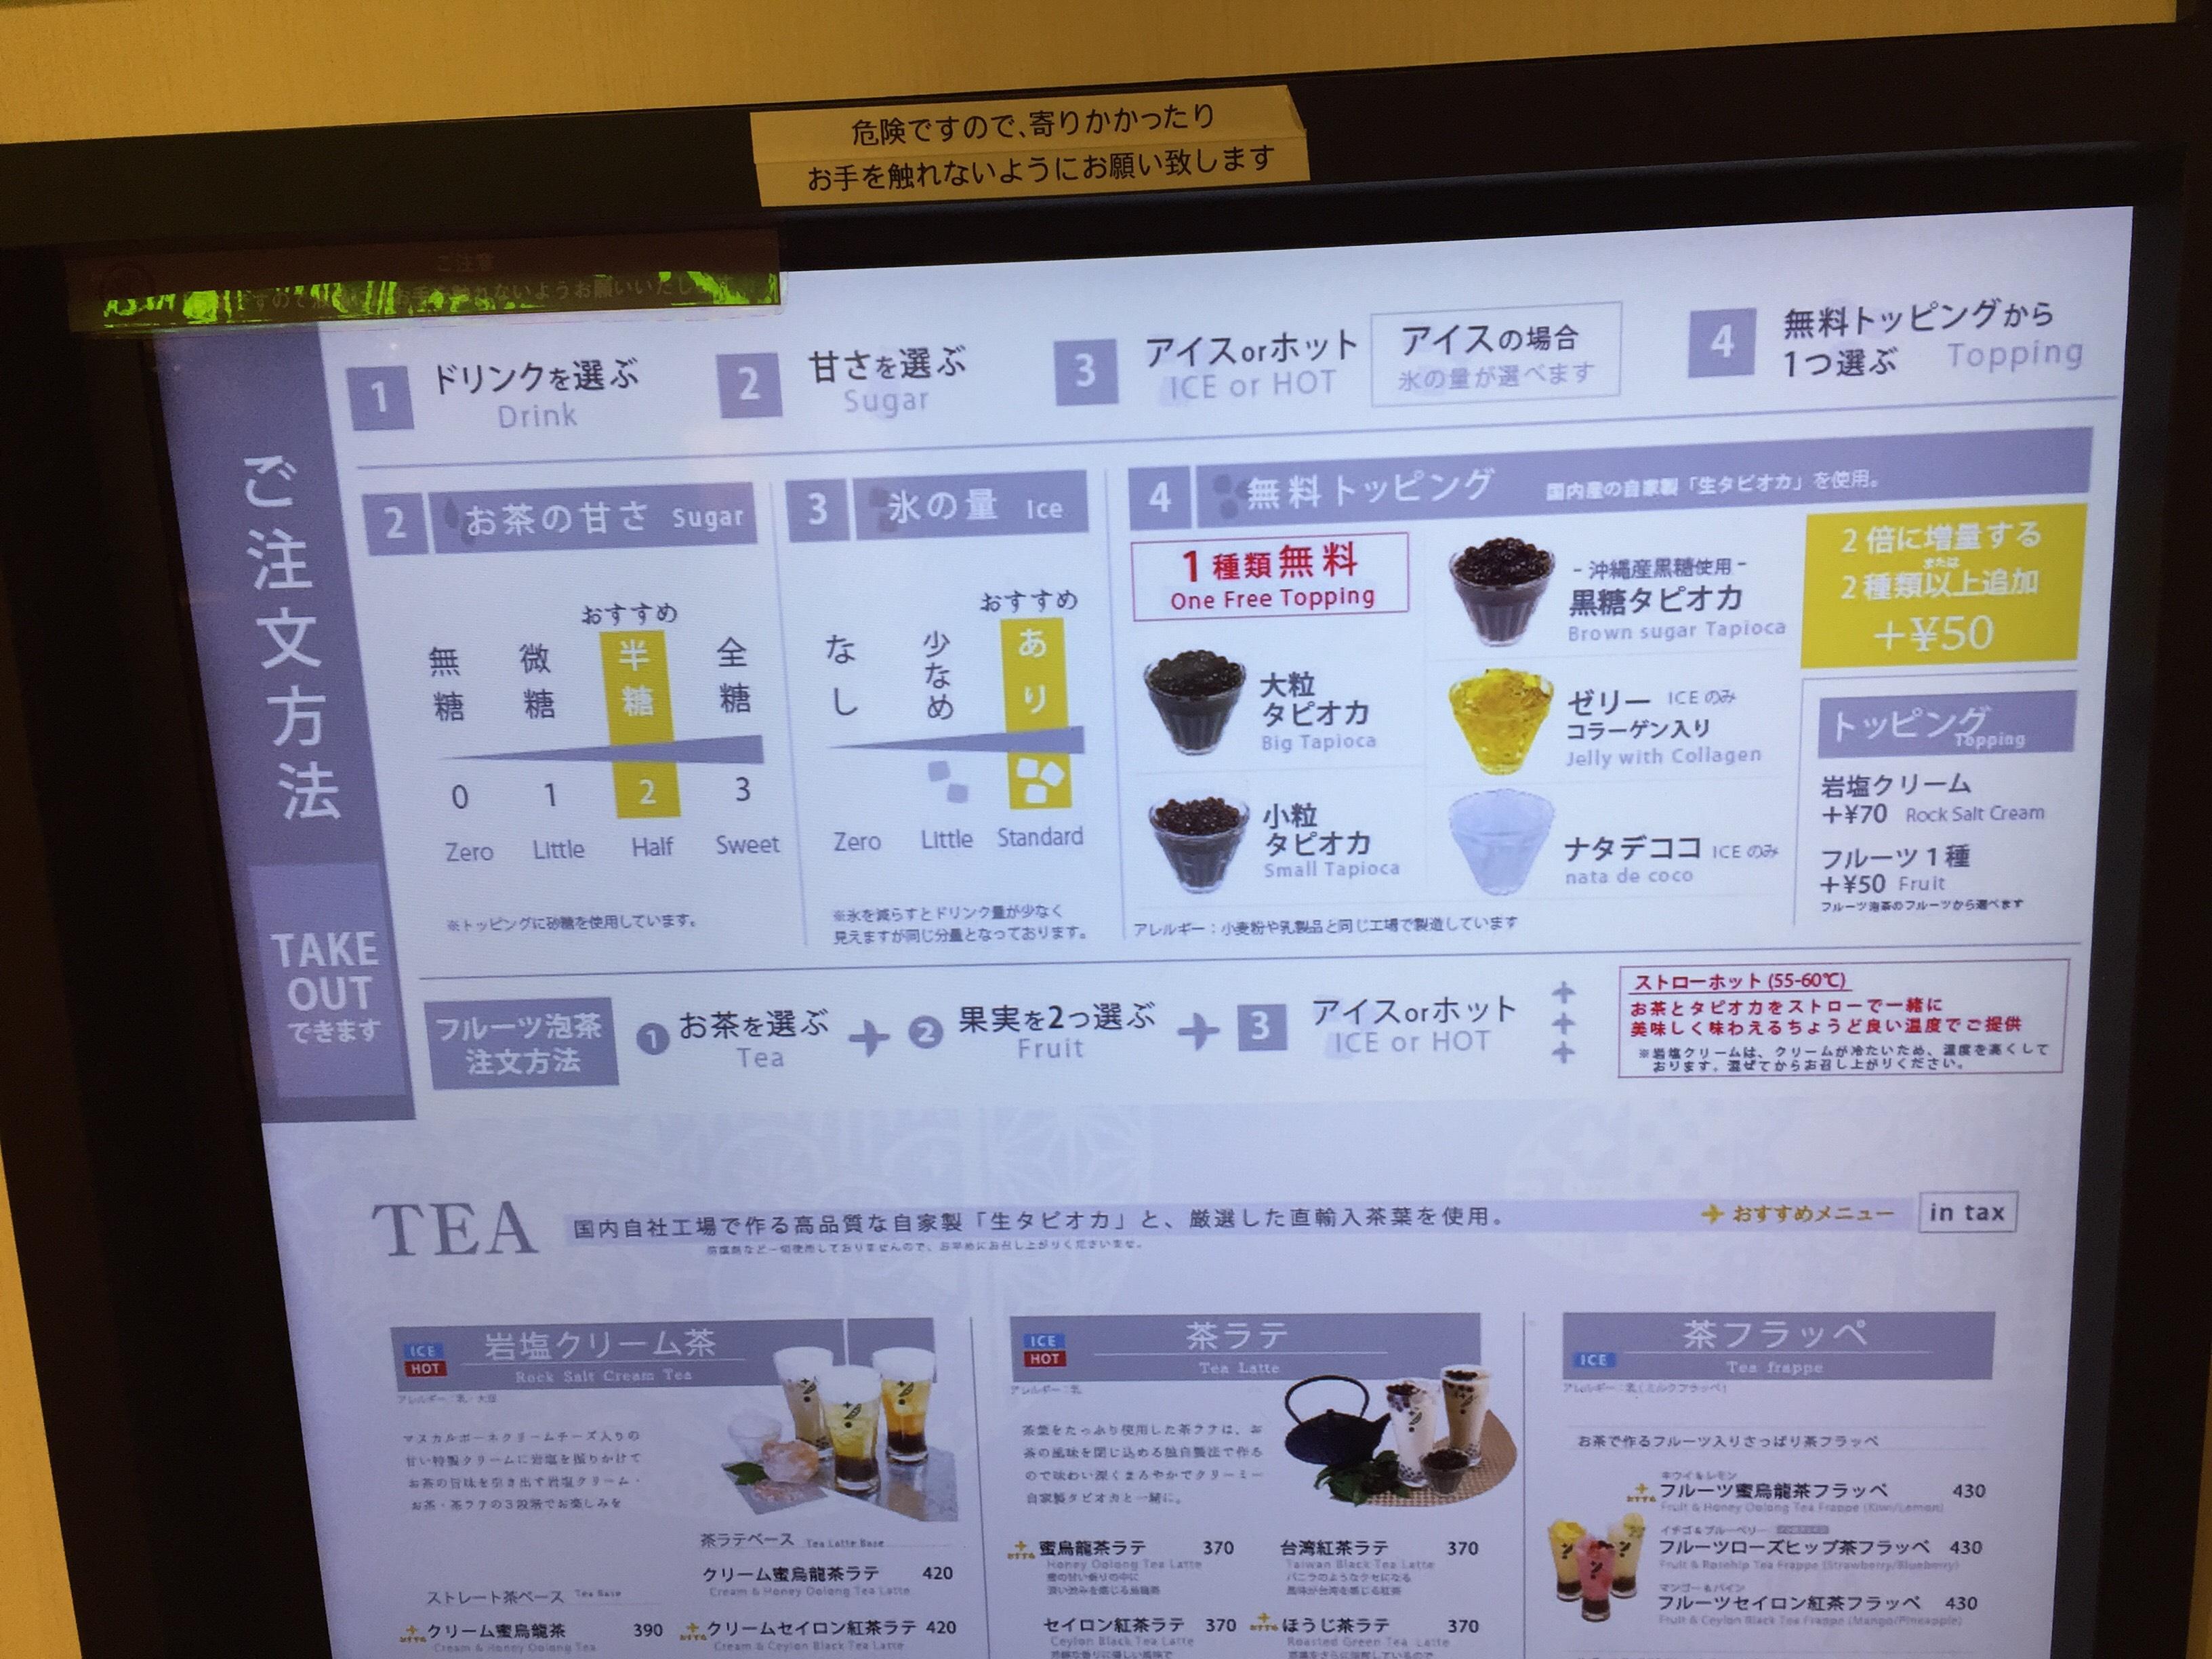 茶BAR イオンモール京都桂川